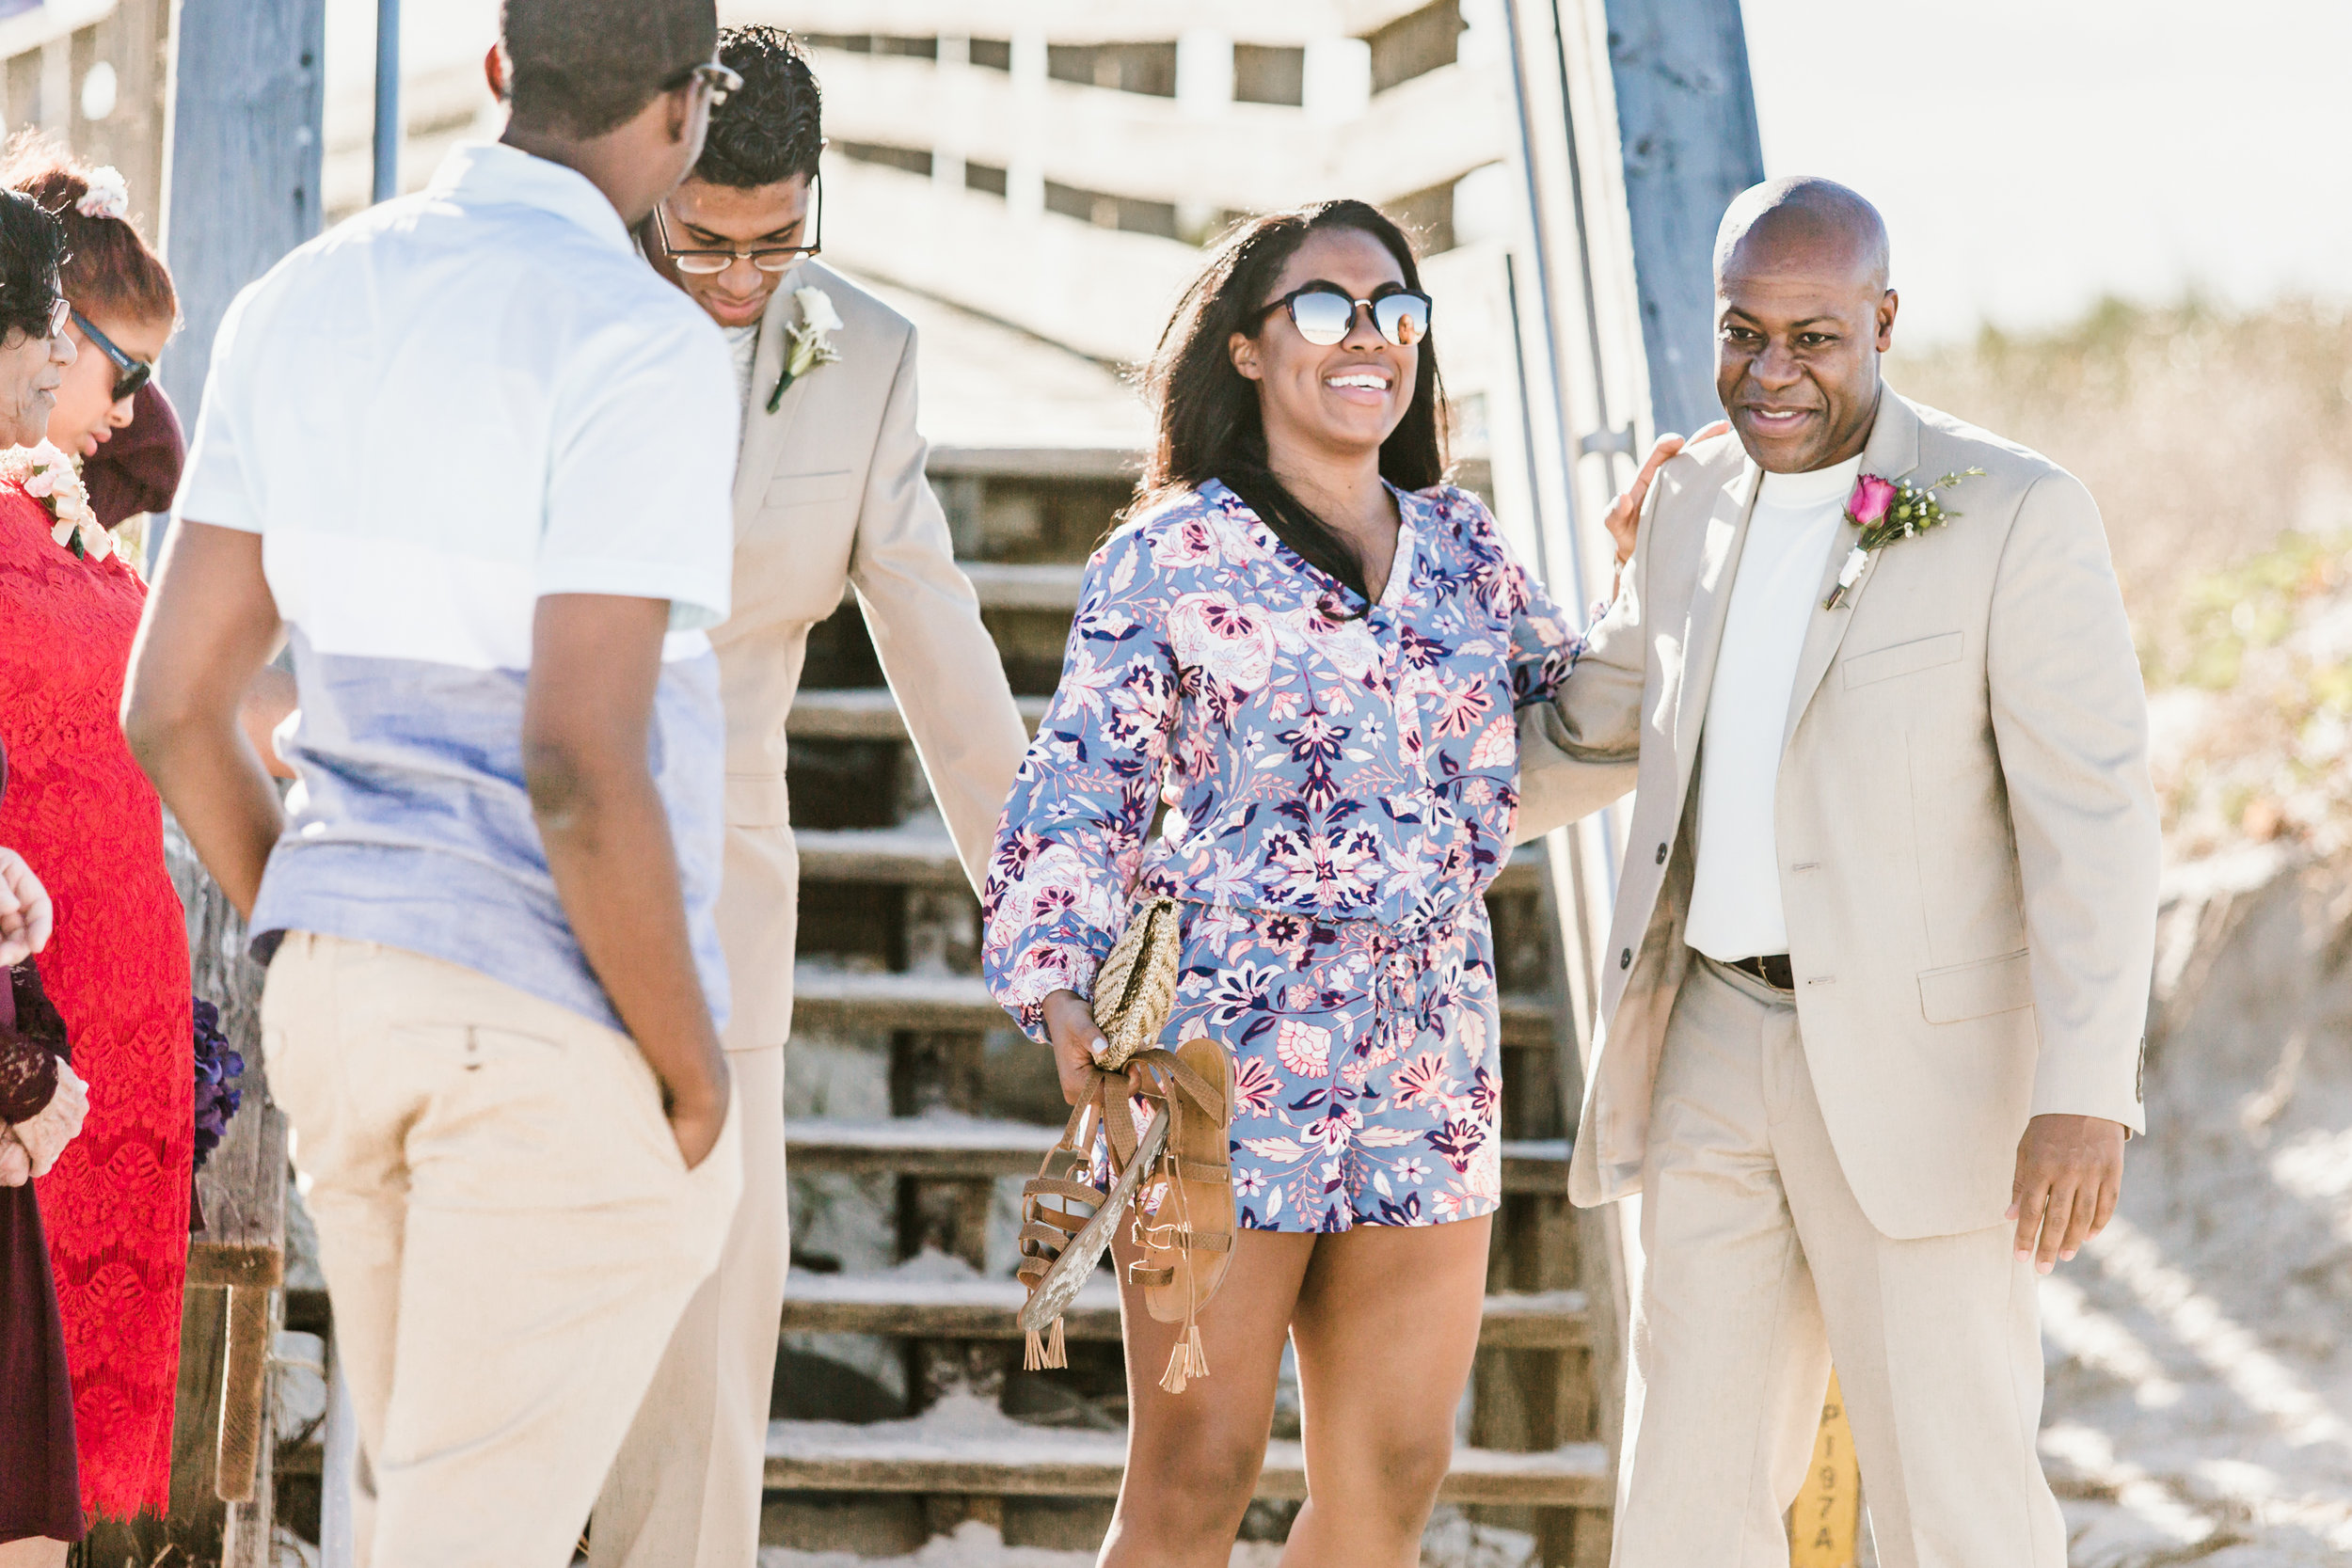 Violets & Seastars- November Ponce Inlet Wedding - Suzette & Dwight 32.jpg